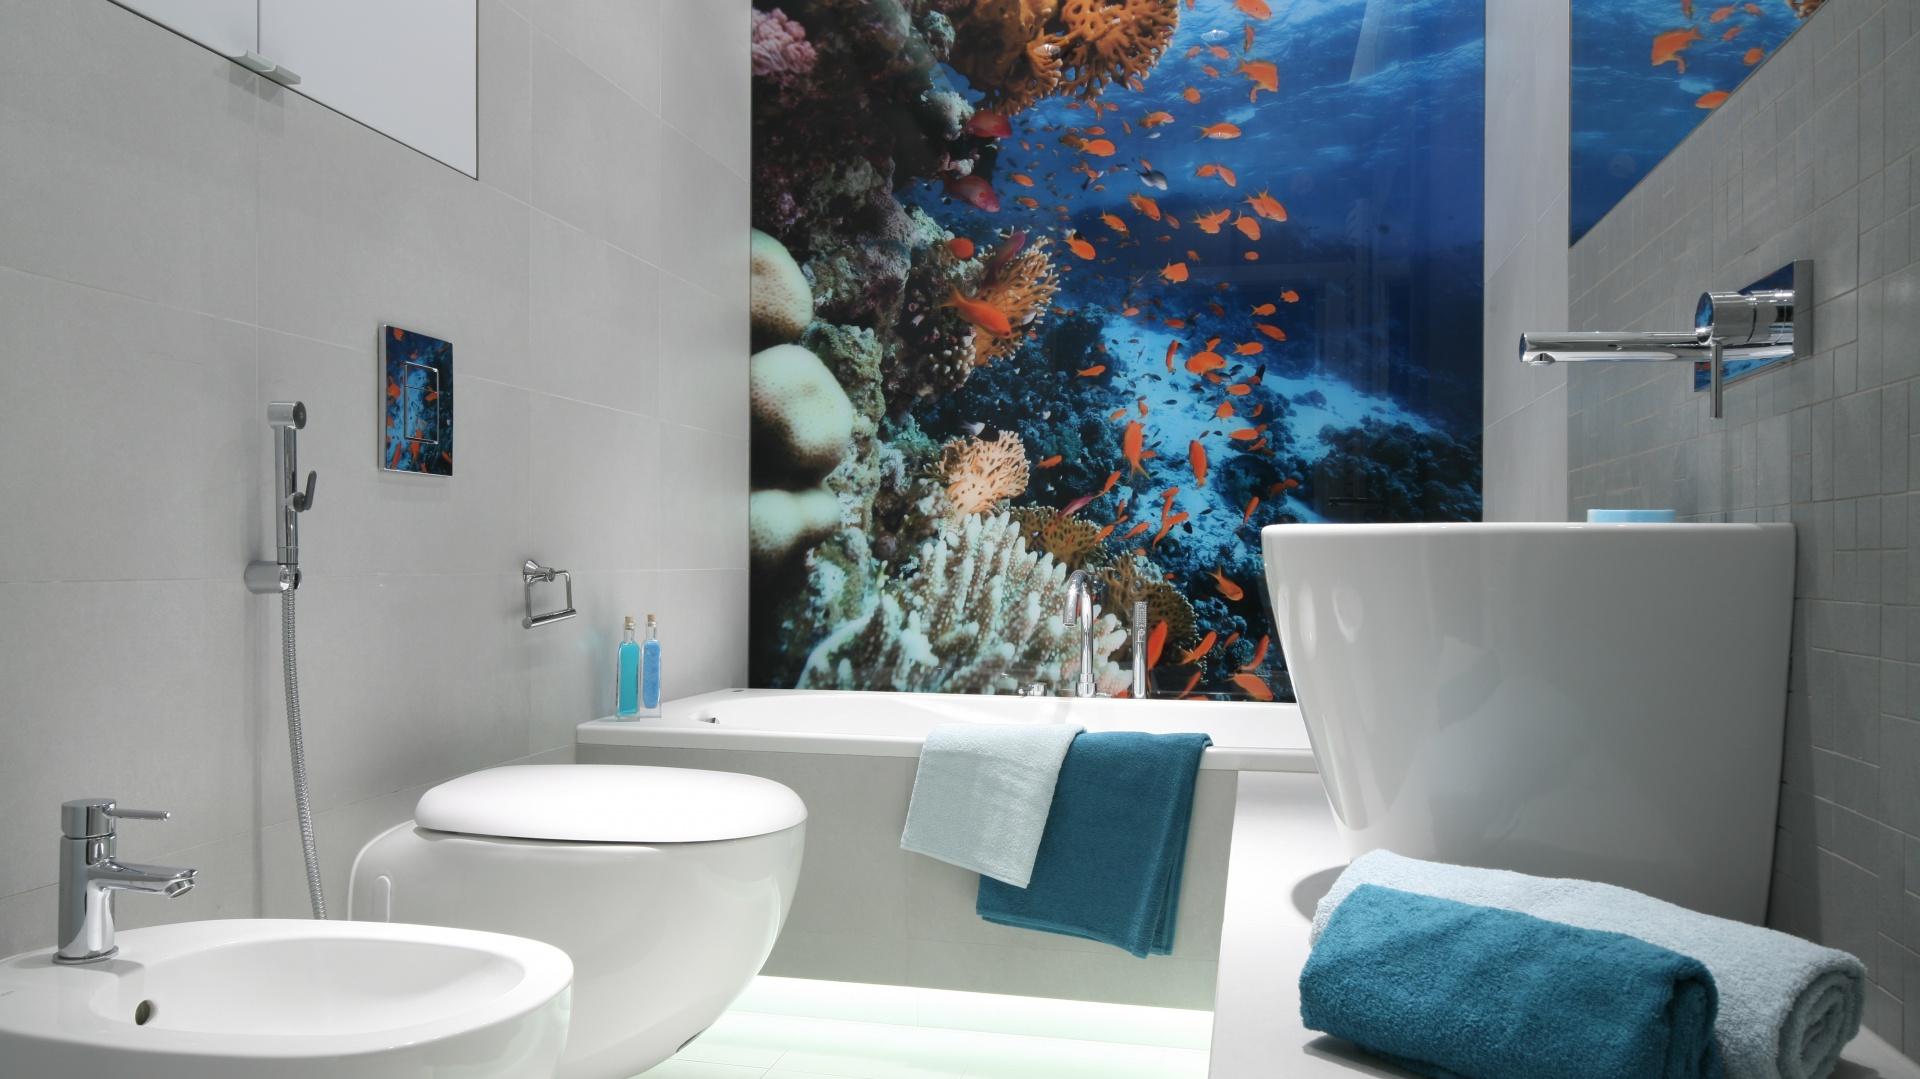 Tapeta z morskim motywem wprowadza do stonowanego wnętrza wiele koloru. Niebieski dobrze komponuje się z bielą ceramiki i delikatną szarością płytek. Projekt: Anna Maria Sokołowska. Fot. Bartosz Jarosz.